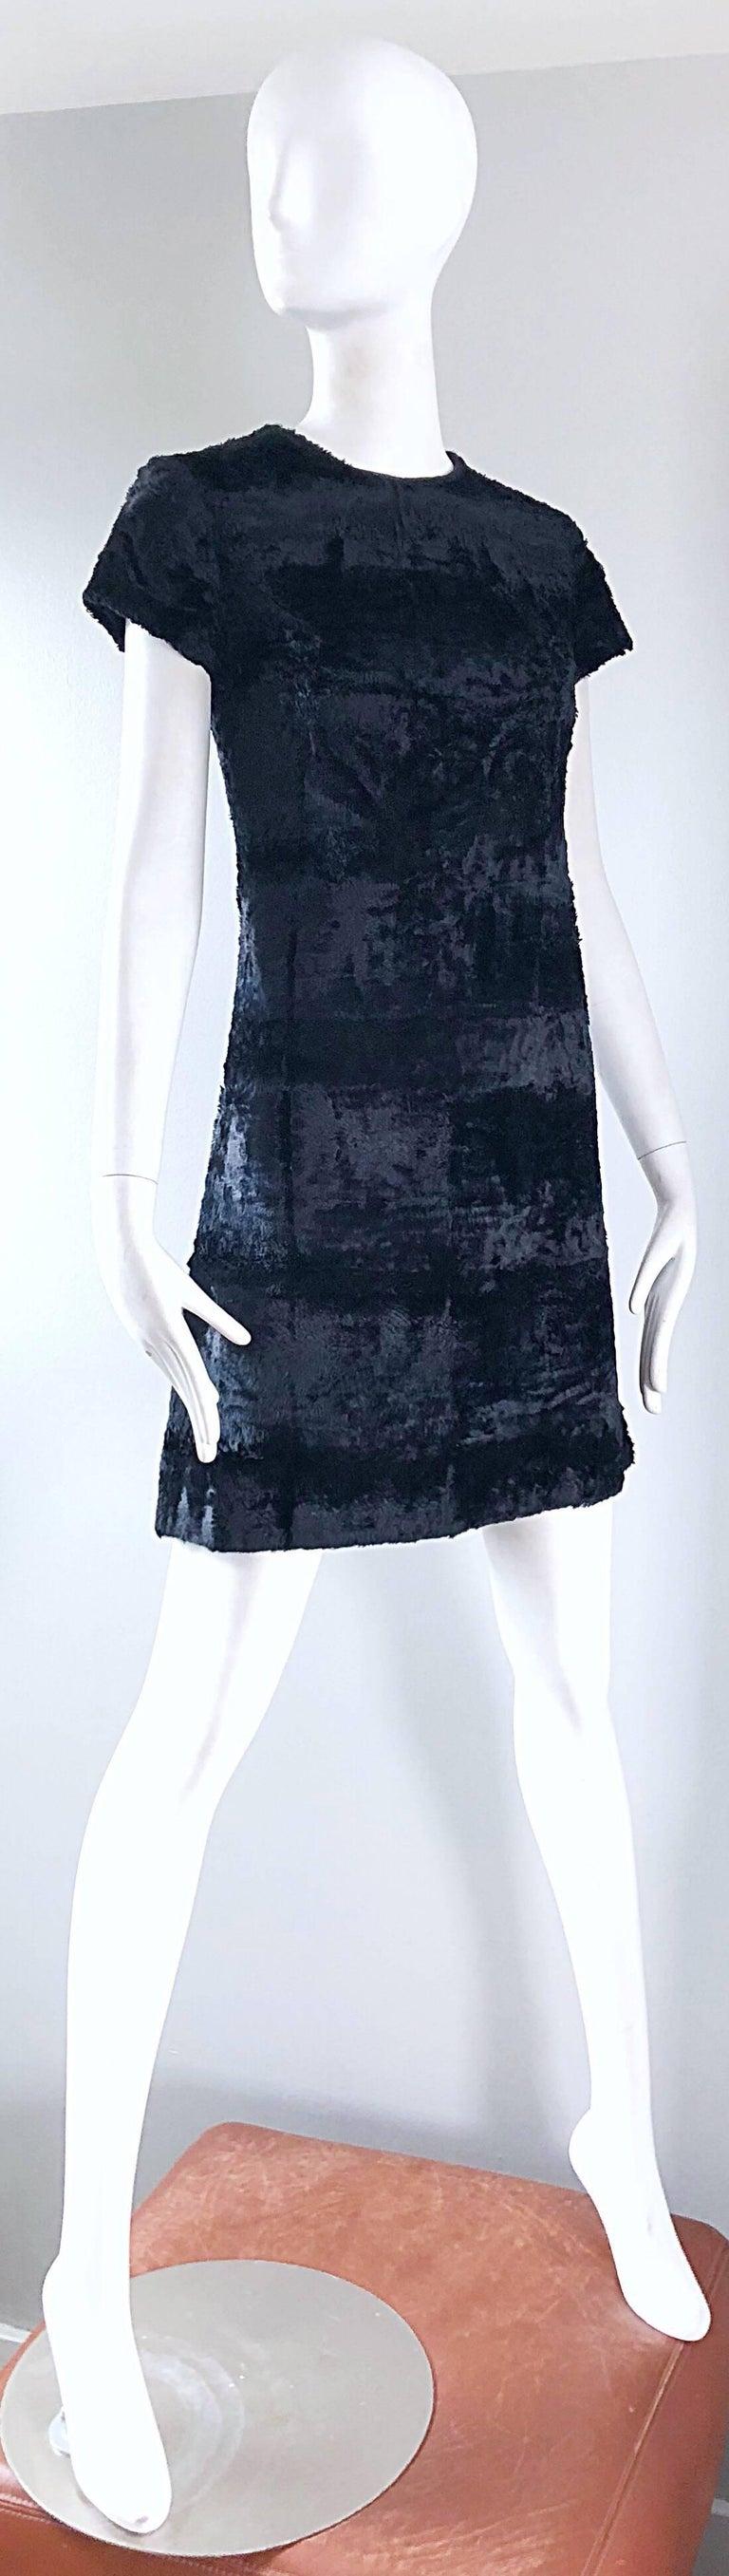 Women's Chic 1960s Saks 5th Avenue Faux Fur Black Shift A - Line Mod Vintage 60s Dress For Sale